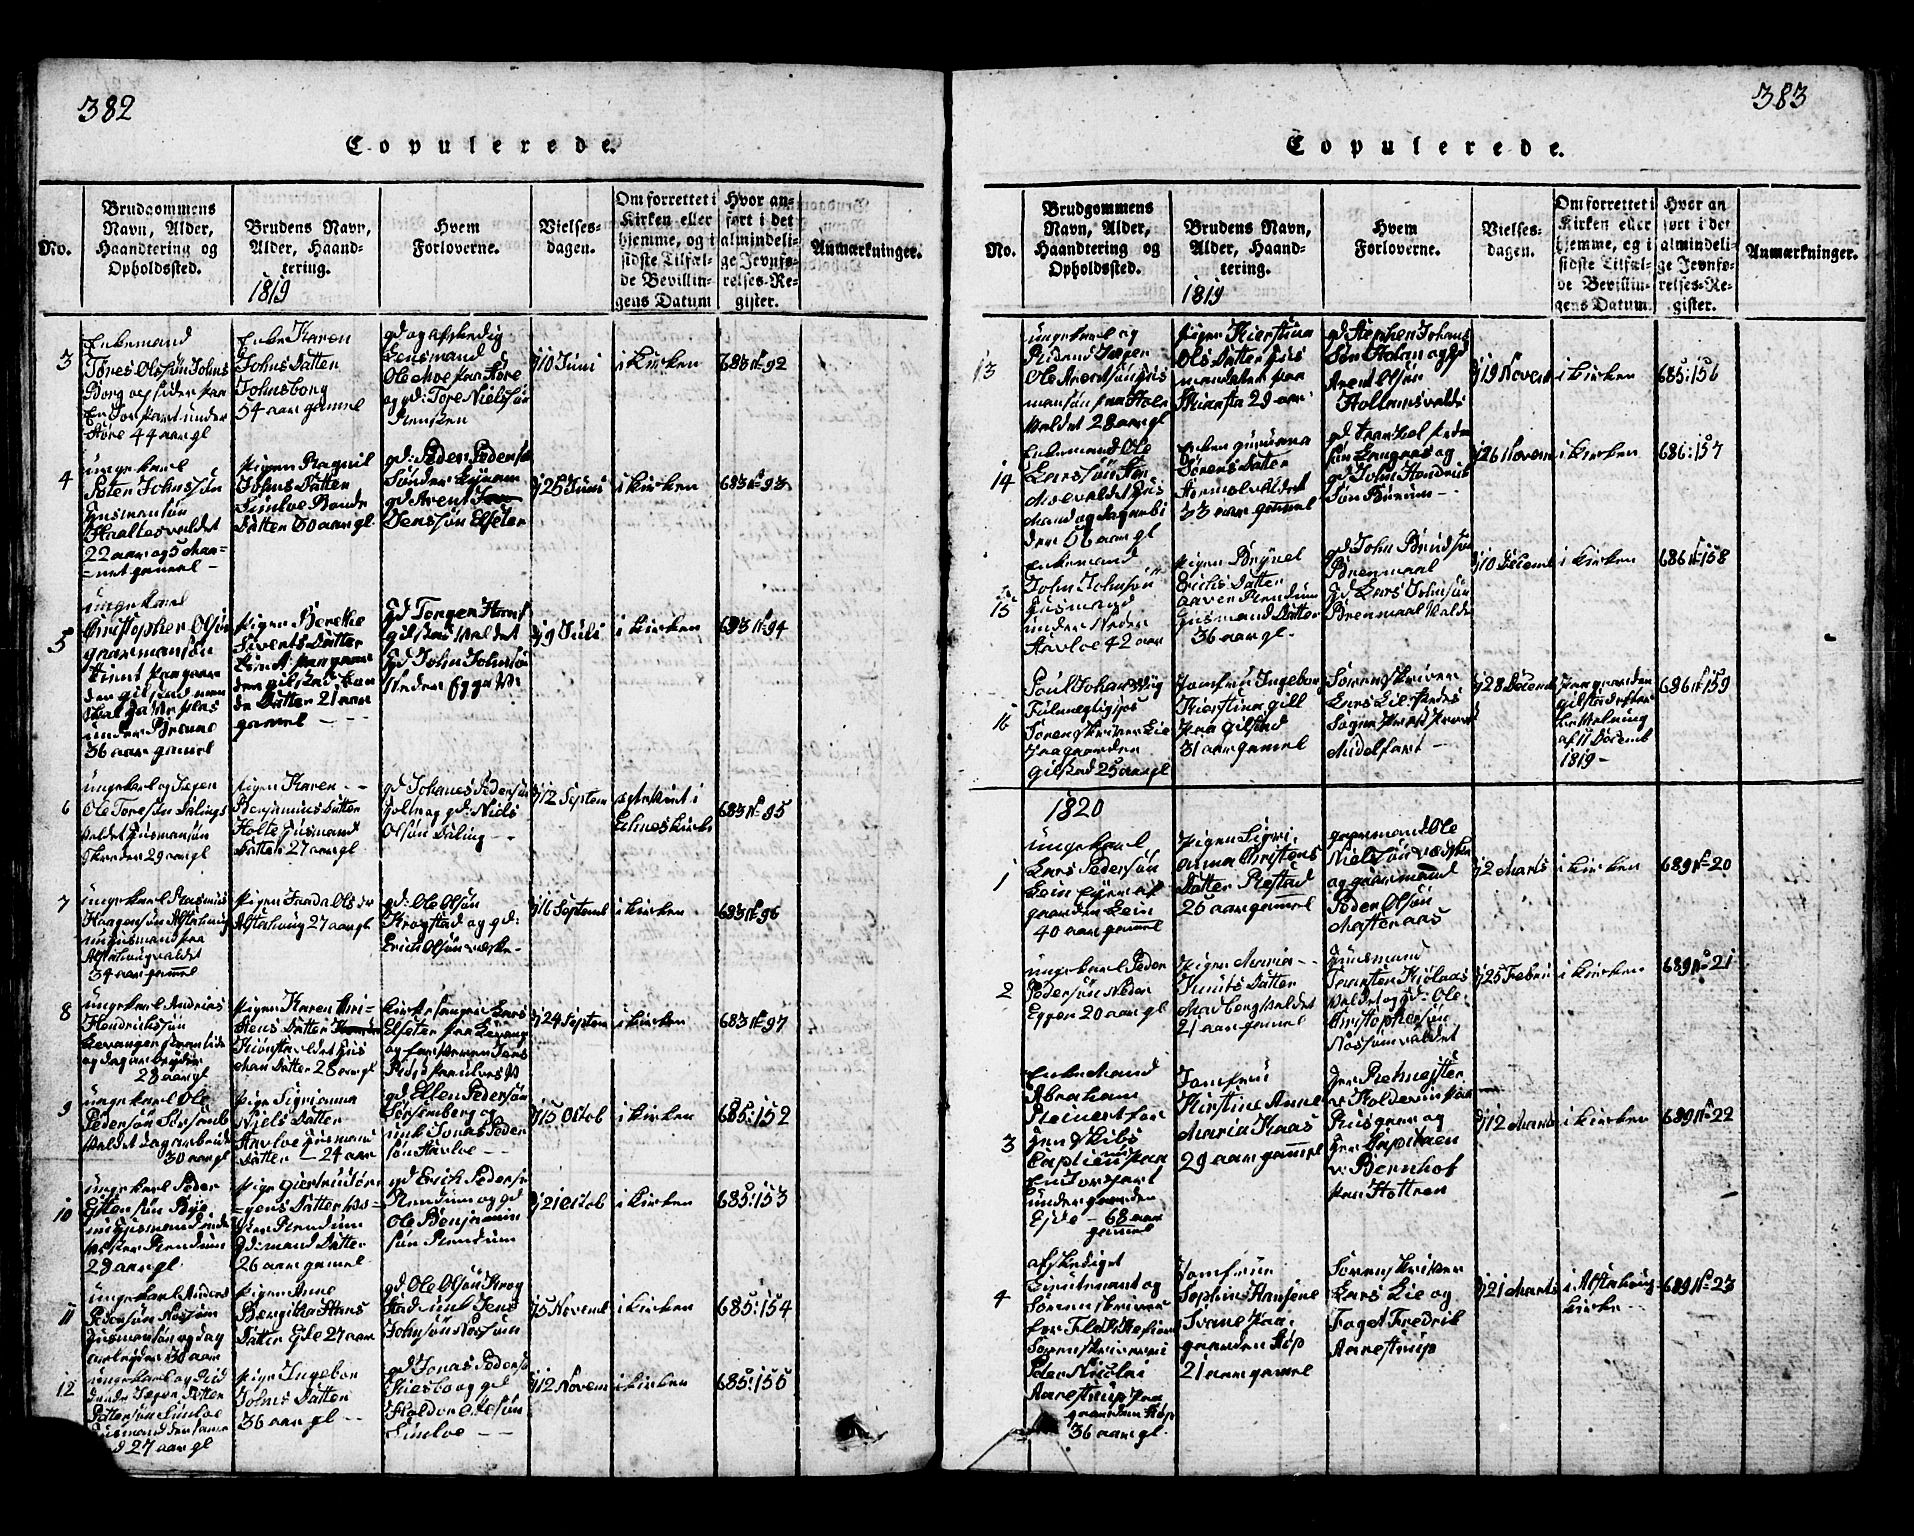 SAT, Ministerialprotokoller, klokkerbøker og fødselsregistre - Nord-Trøndelag, 717/L0169: Klokkerbok nr. 717C01, 1816-1834, s. 382-383